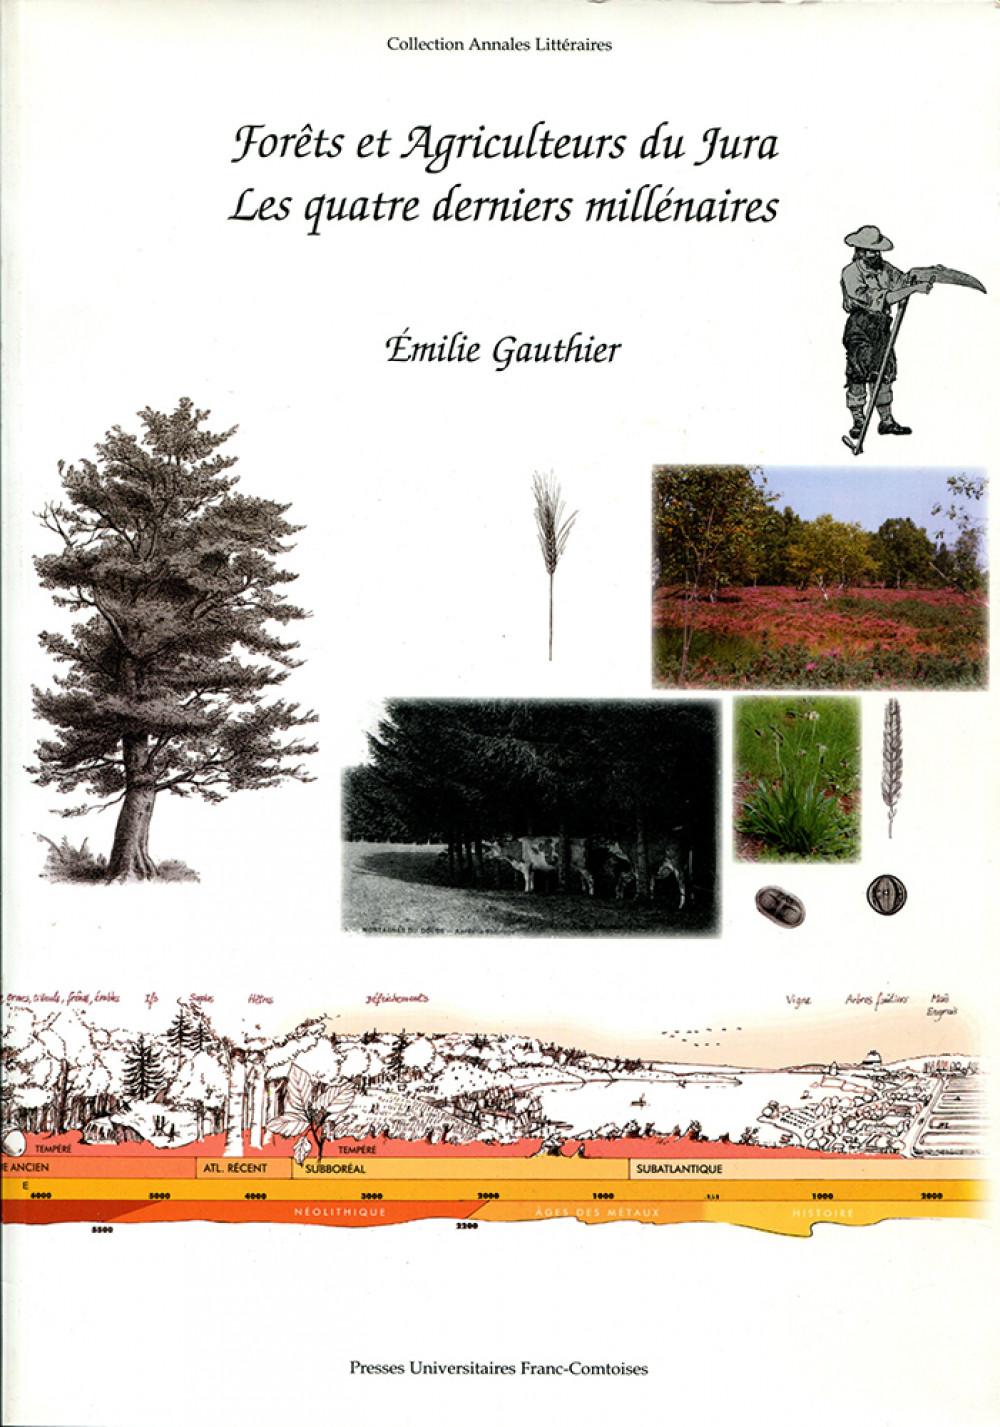 Forêts et Agriculteurs du Jura